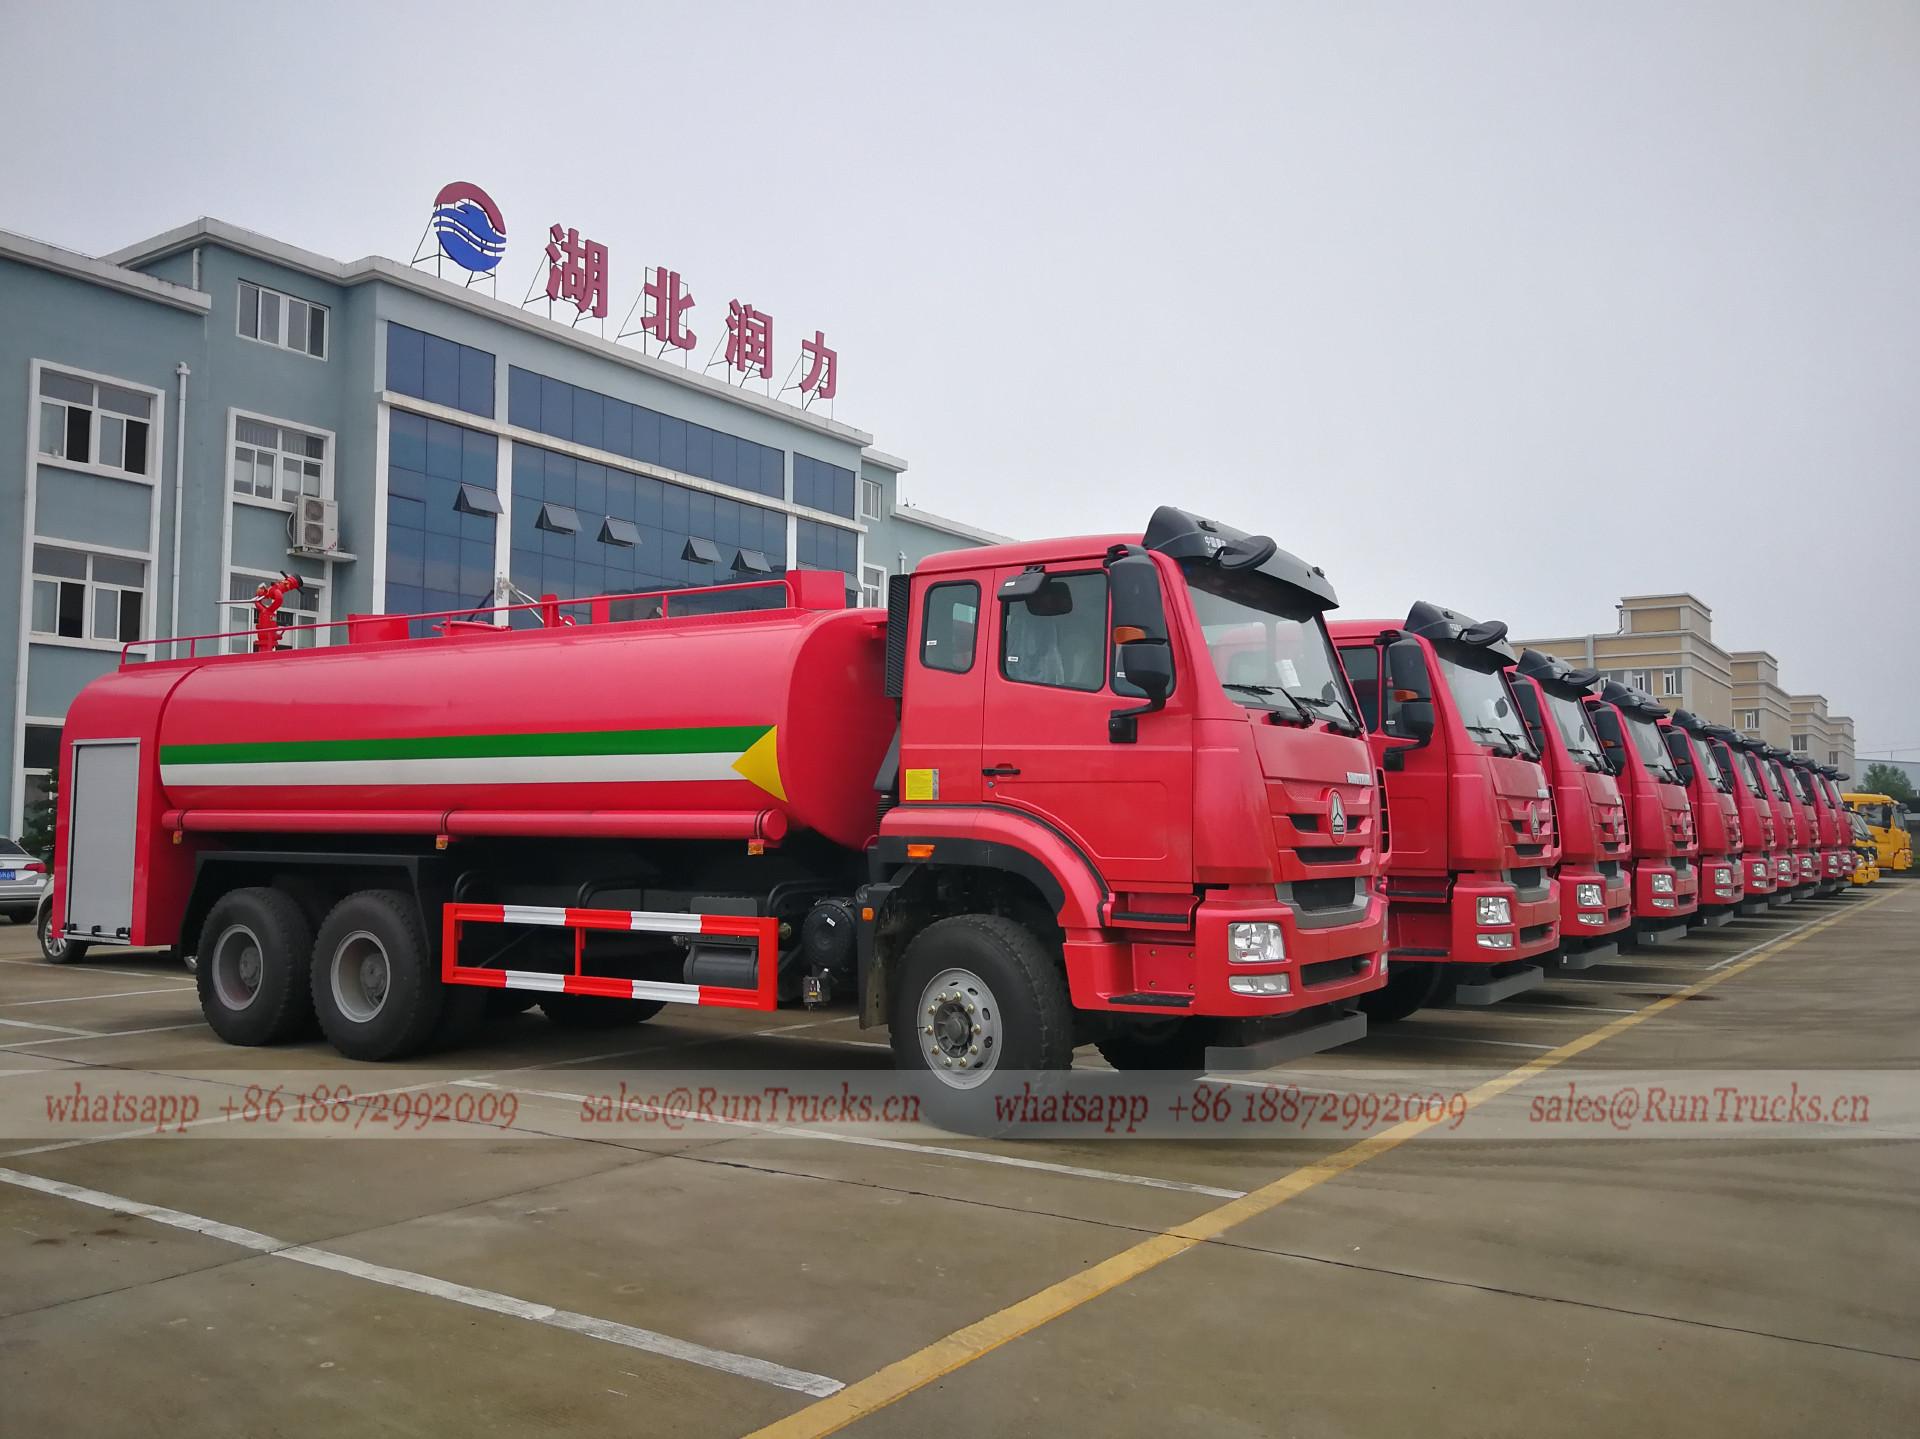 中国Howo水消火トラックがエチオピアに輸出